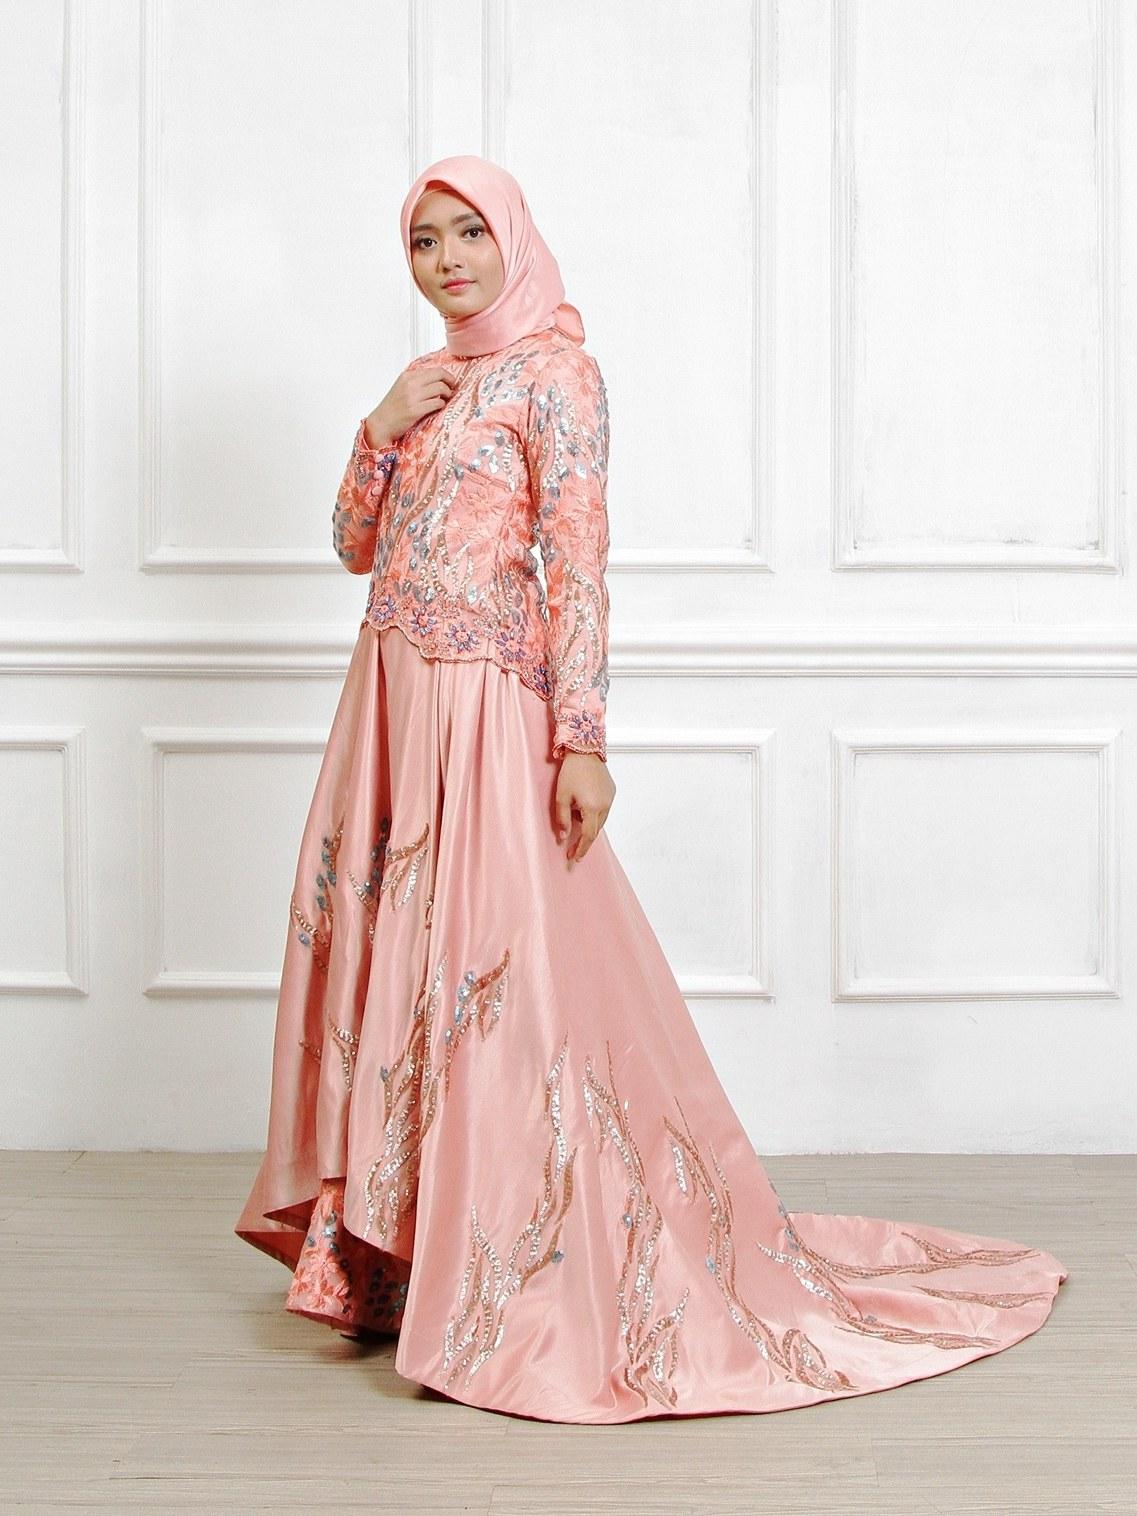 Inspirasi Sewa Baju Pengantin Muslimah Jakarta Y7du Gaun Pengantin Muslimah Dress Muslim Pungky Rumah Jahit